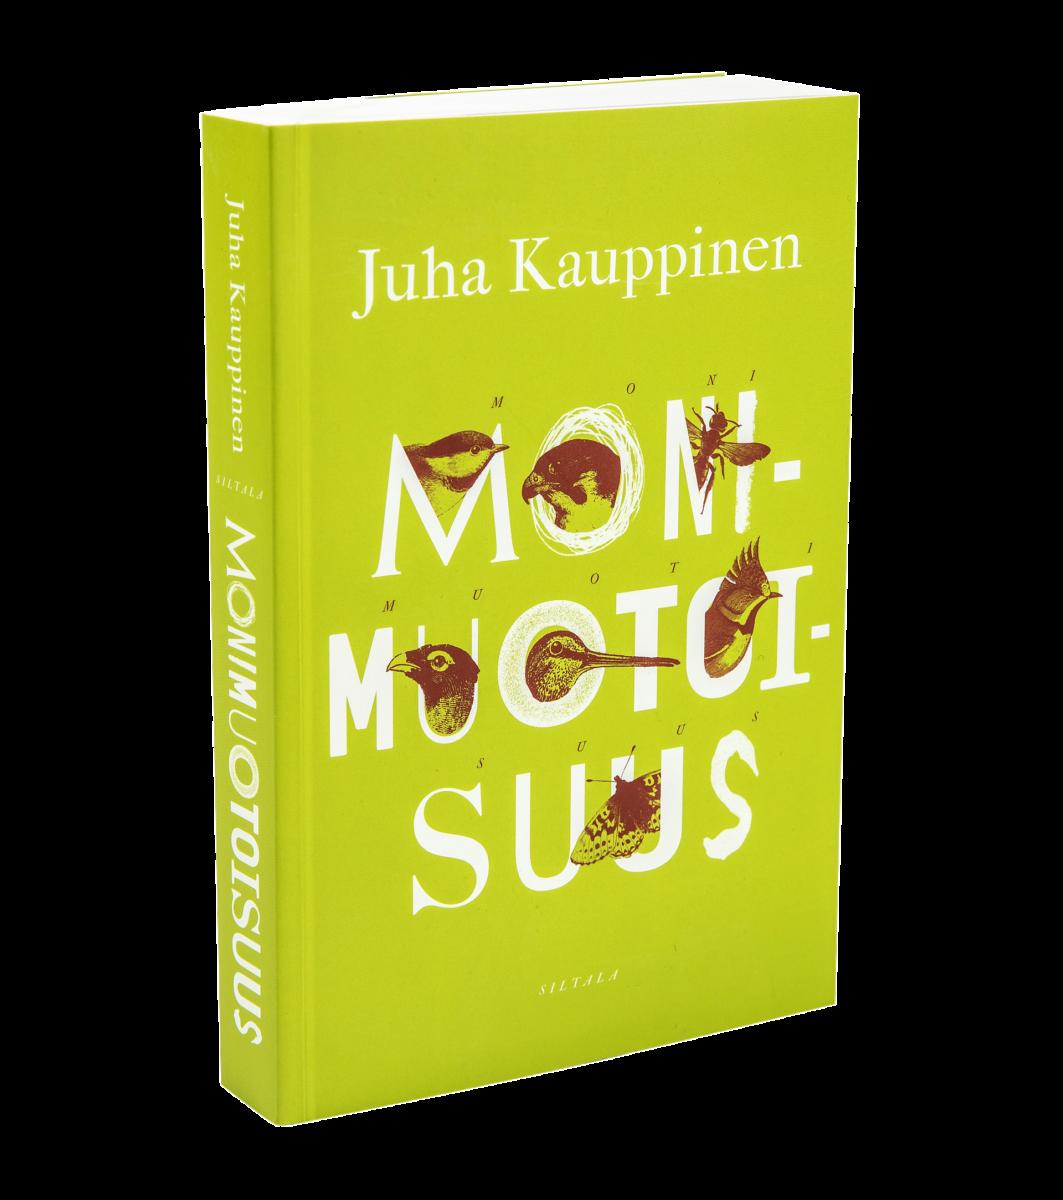 Juha Kauppinen: Monimuotoisuus. 349 s. Siltala, 2019.